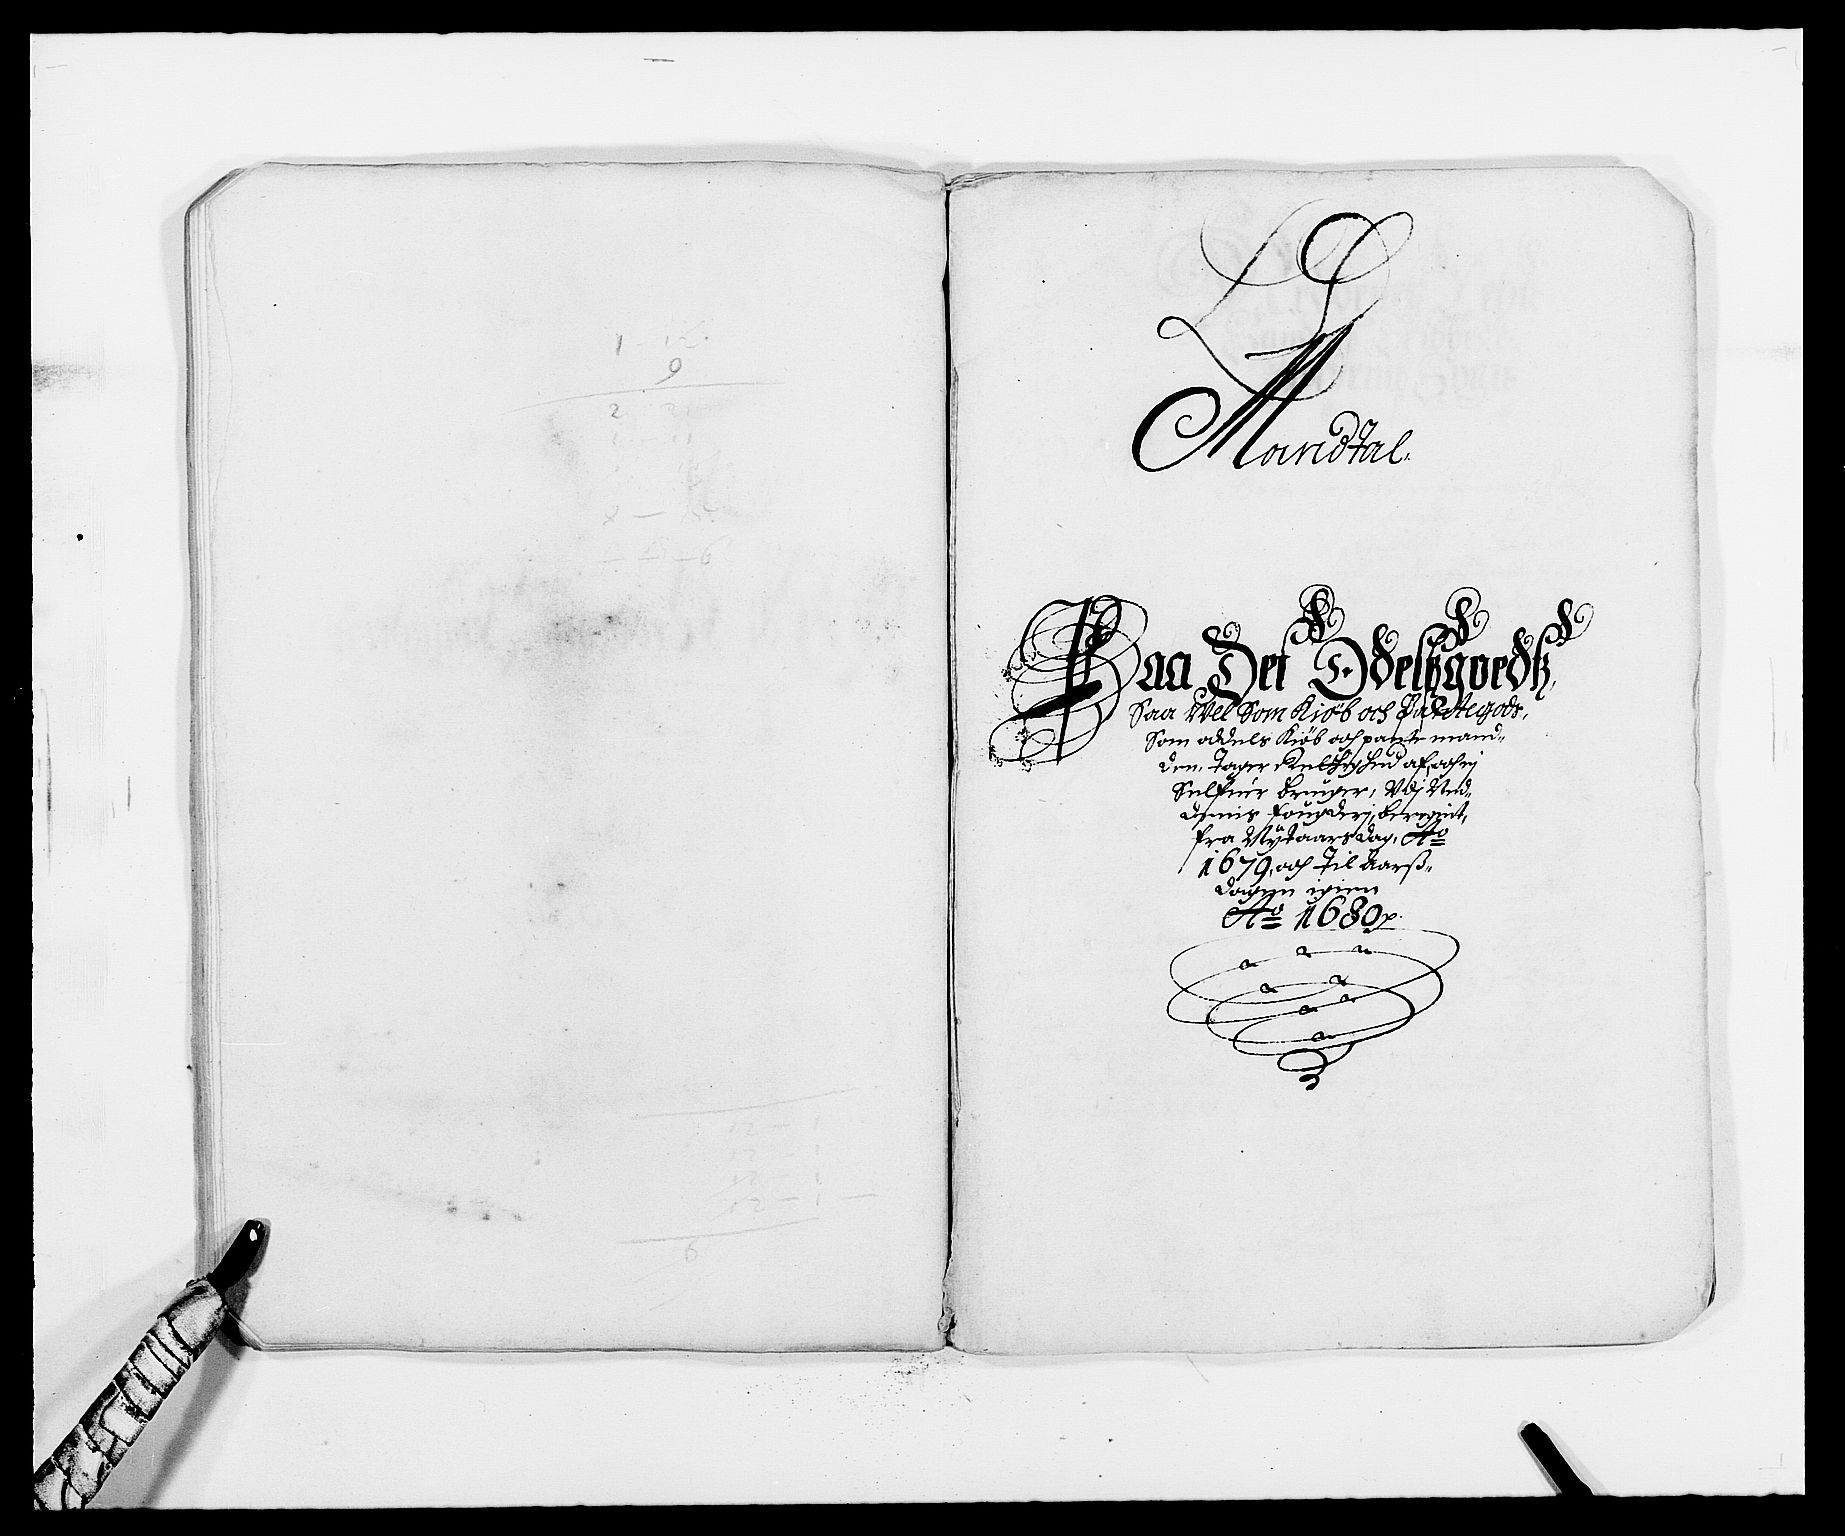 RA, Rentekammeret inntil 1814, Reviderte regnskaper, Fogderegnskap, R39/L2303: Fogderegnskap Nedenes, 1679, s. 73